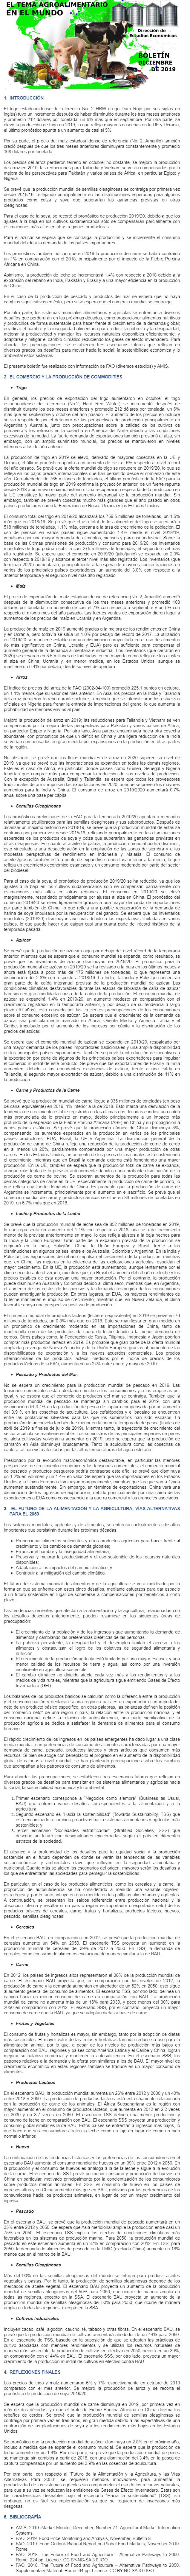 Boletín del Tema Agroalimentario en el Mundo.